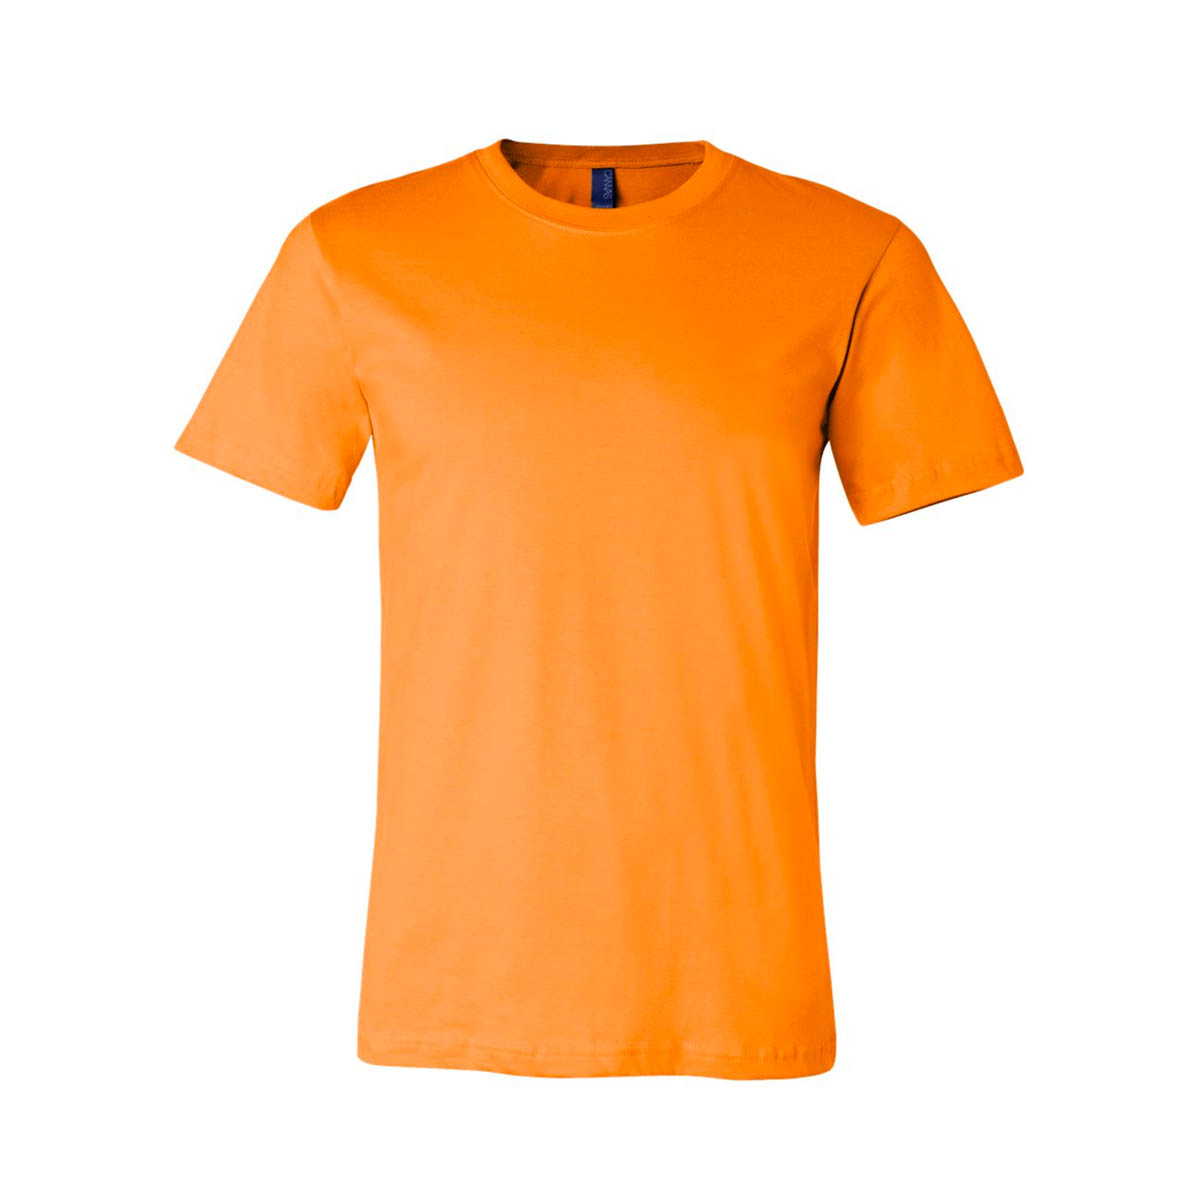 Orange soft jersey bella canvas